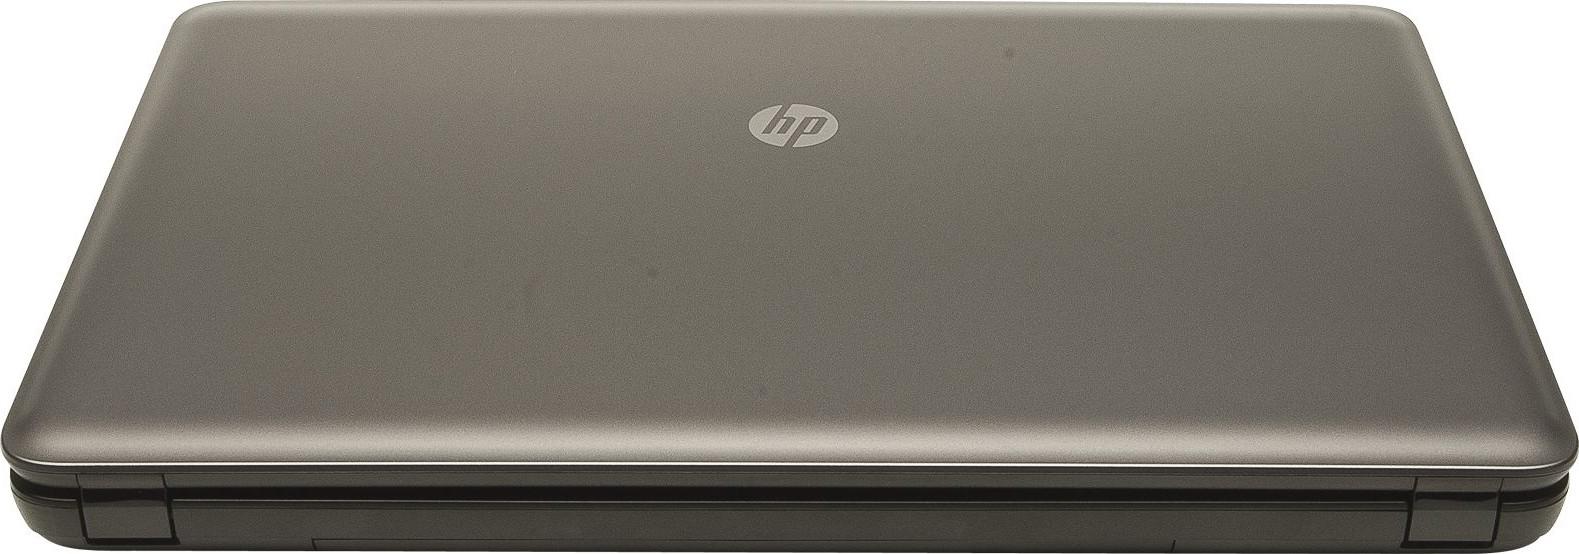 Драйвер для сетевого адаптера windows 7 для ноутбука hp 655